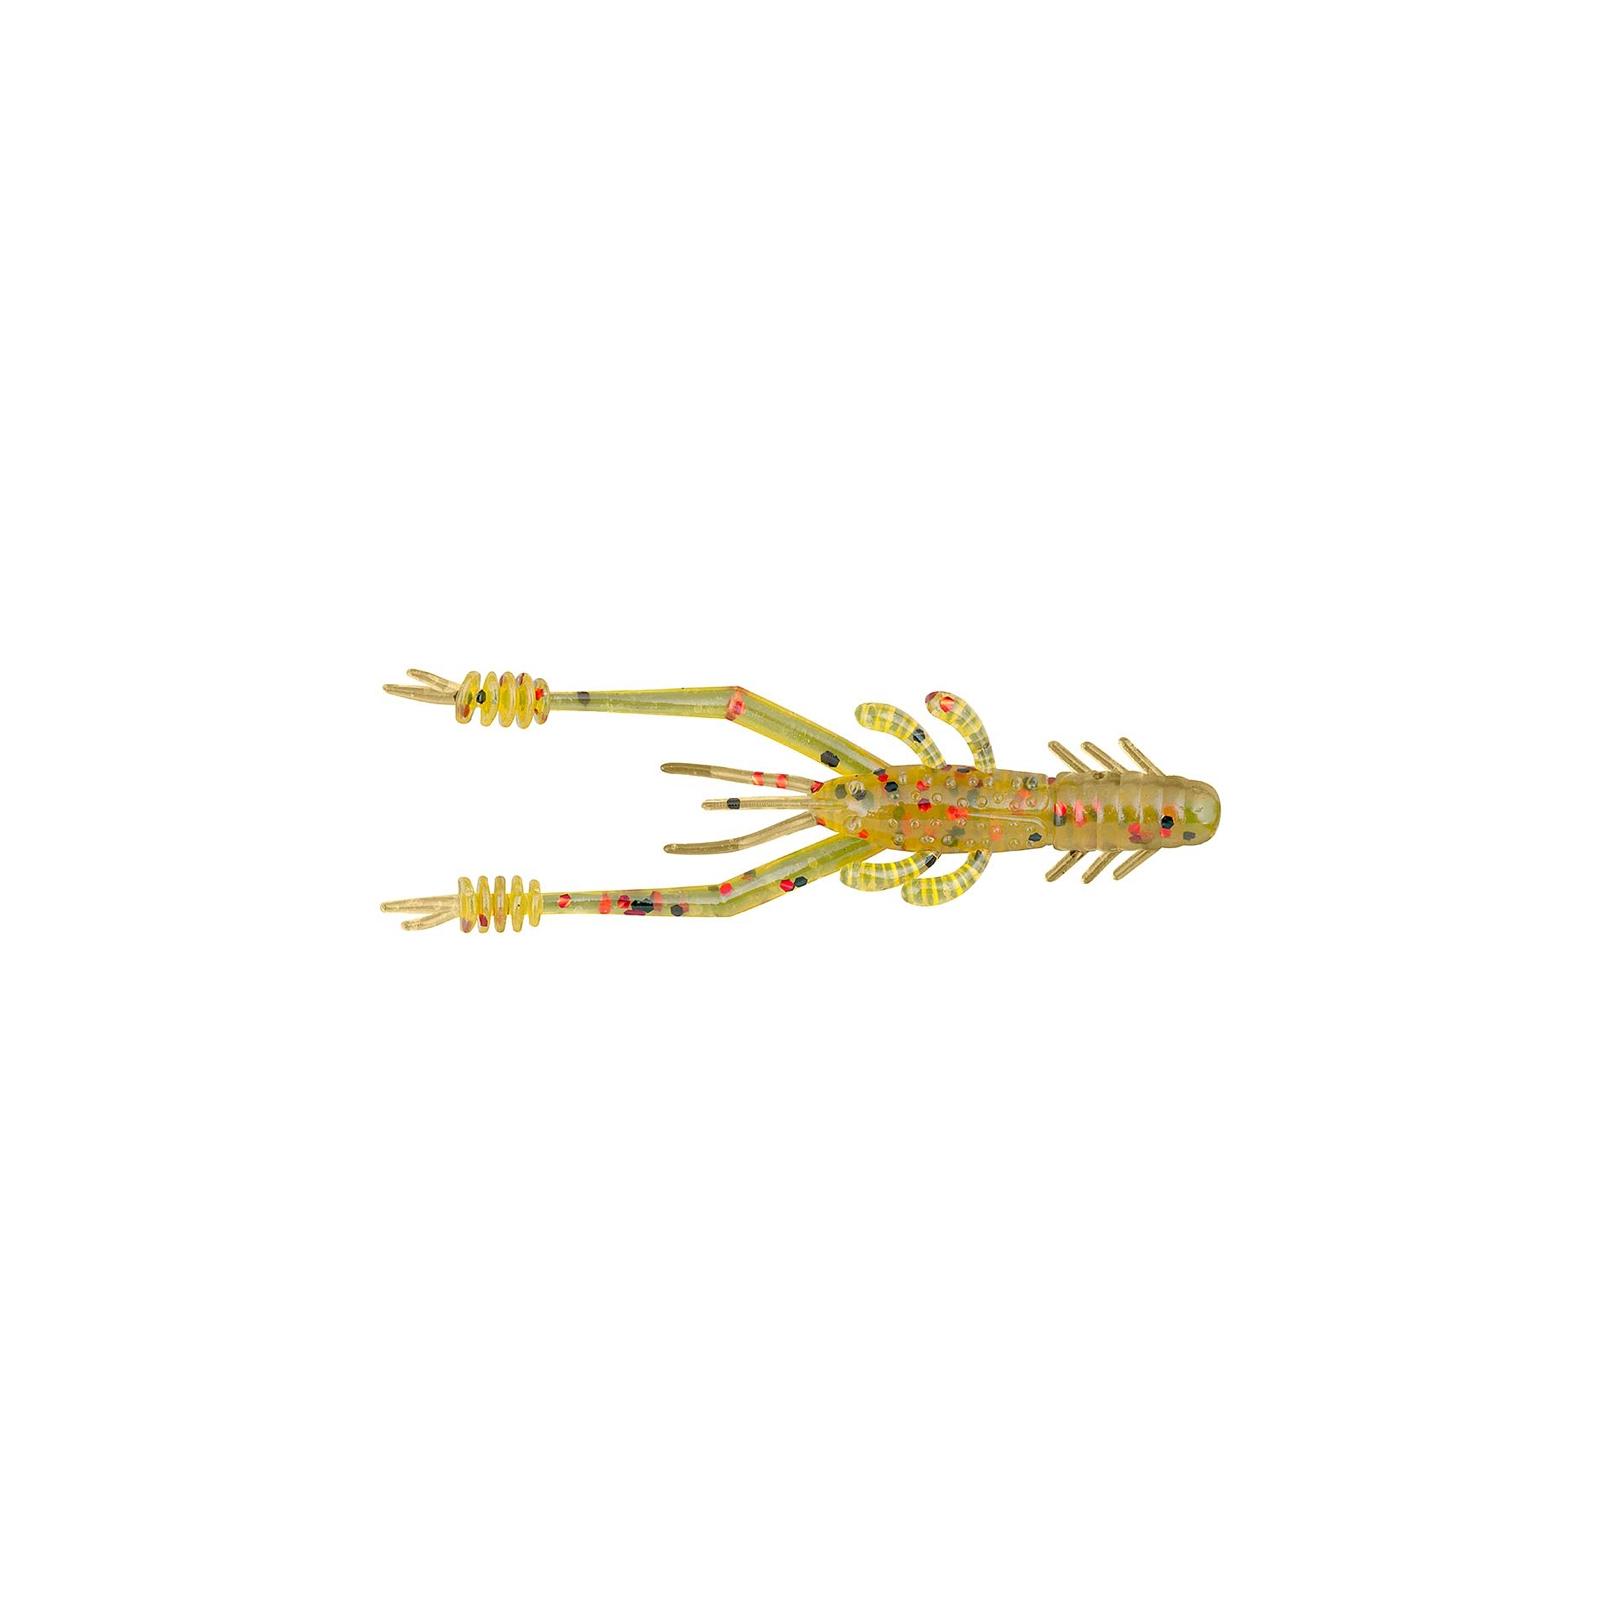 """Силикон рыболовный Select Sexy Shrimp 2"""" col.002, (9 шт/упак) (1870.12.63)"""